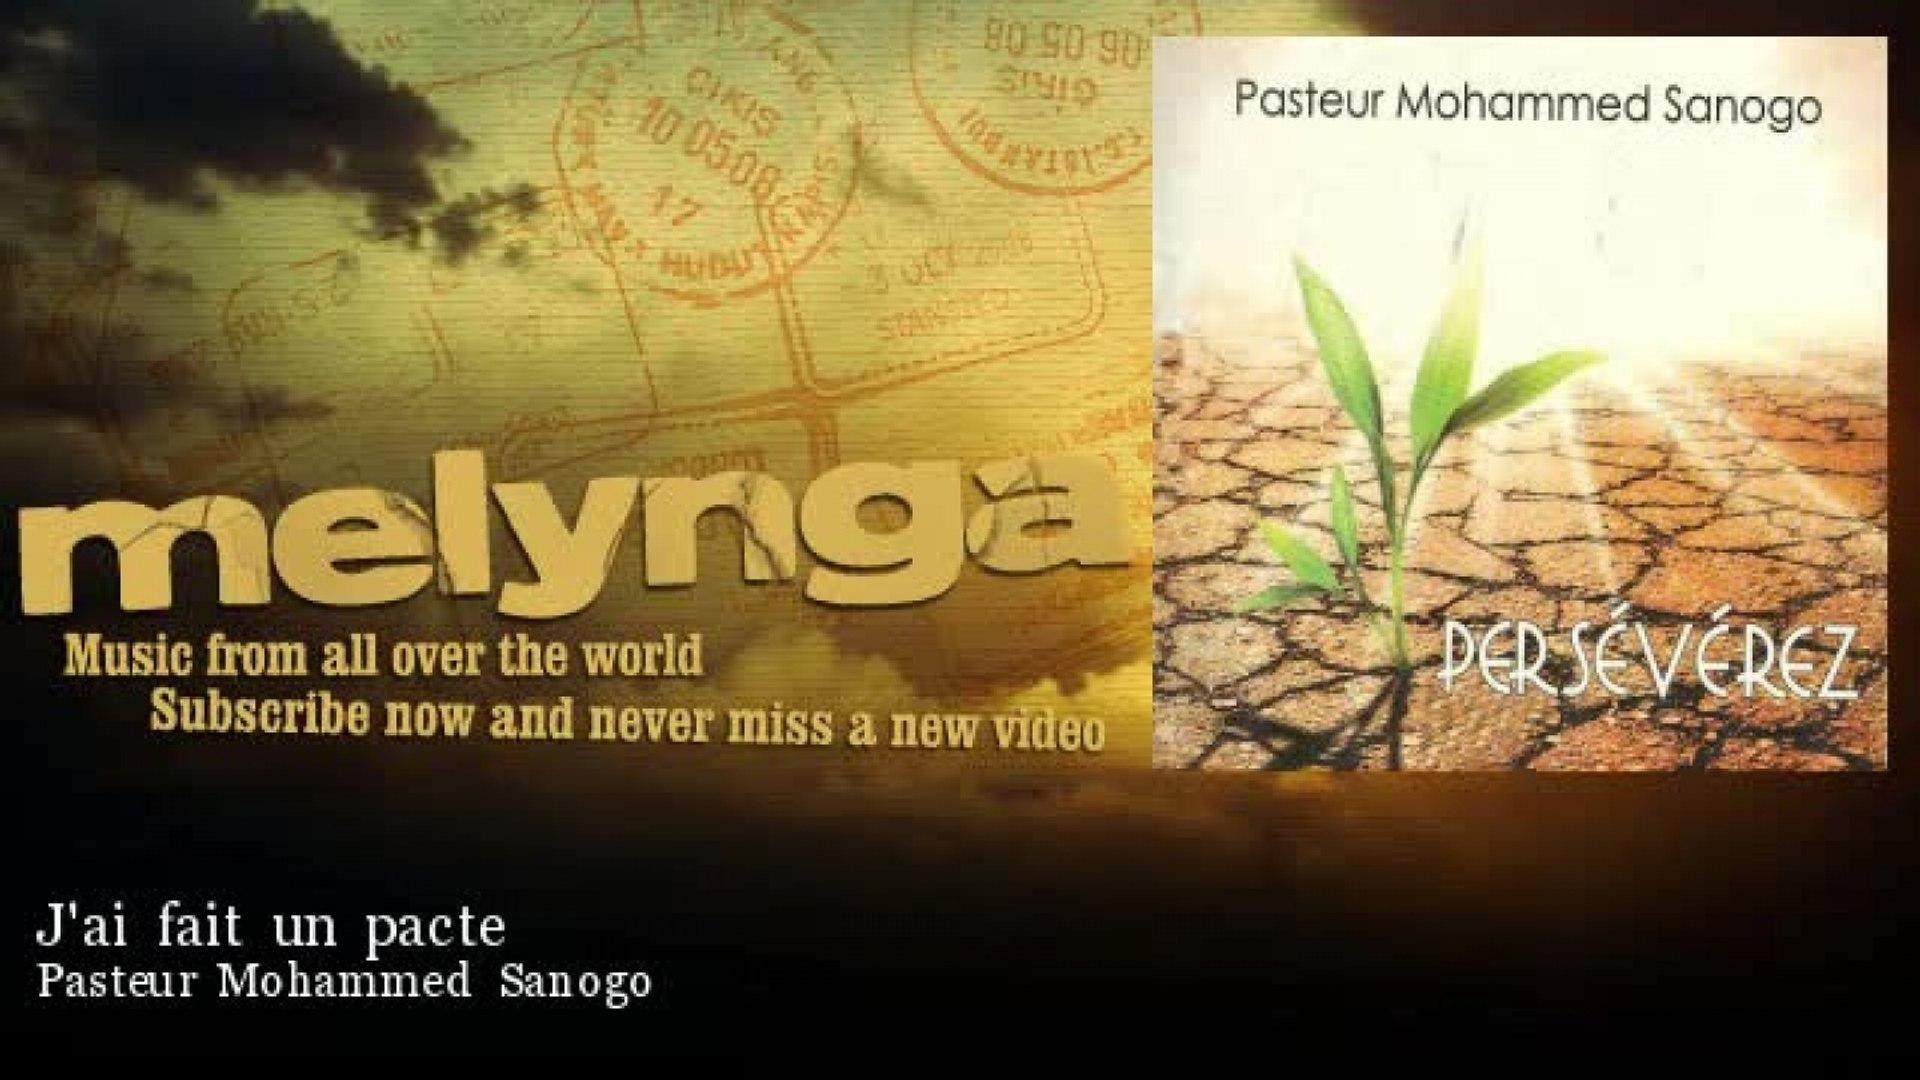 Pasteur Mohammed Sanogo - J'ai fait un pacte